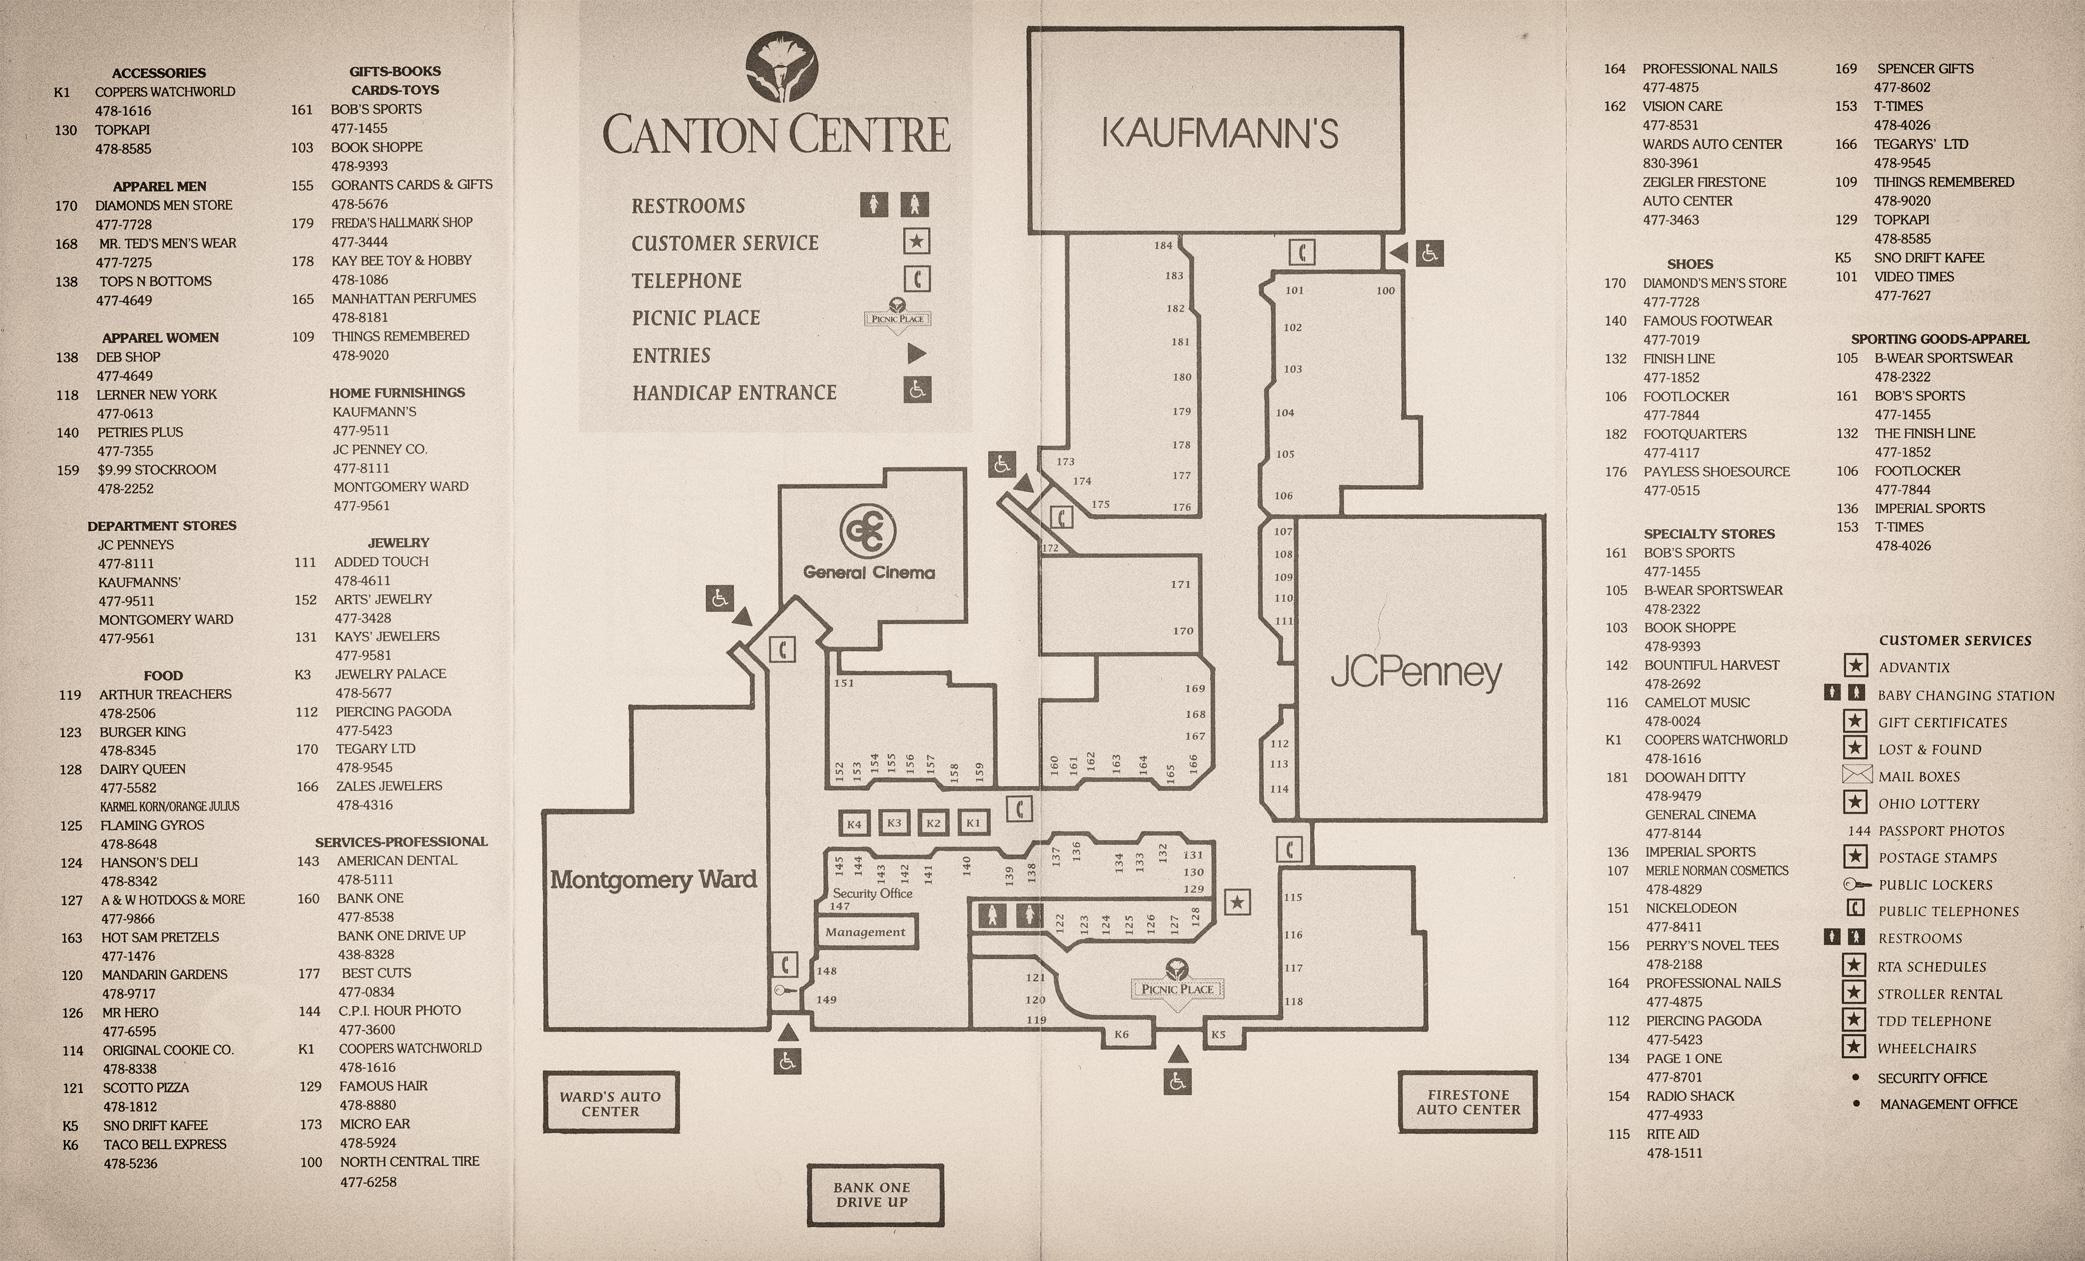 Canton Centre Mall Directory